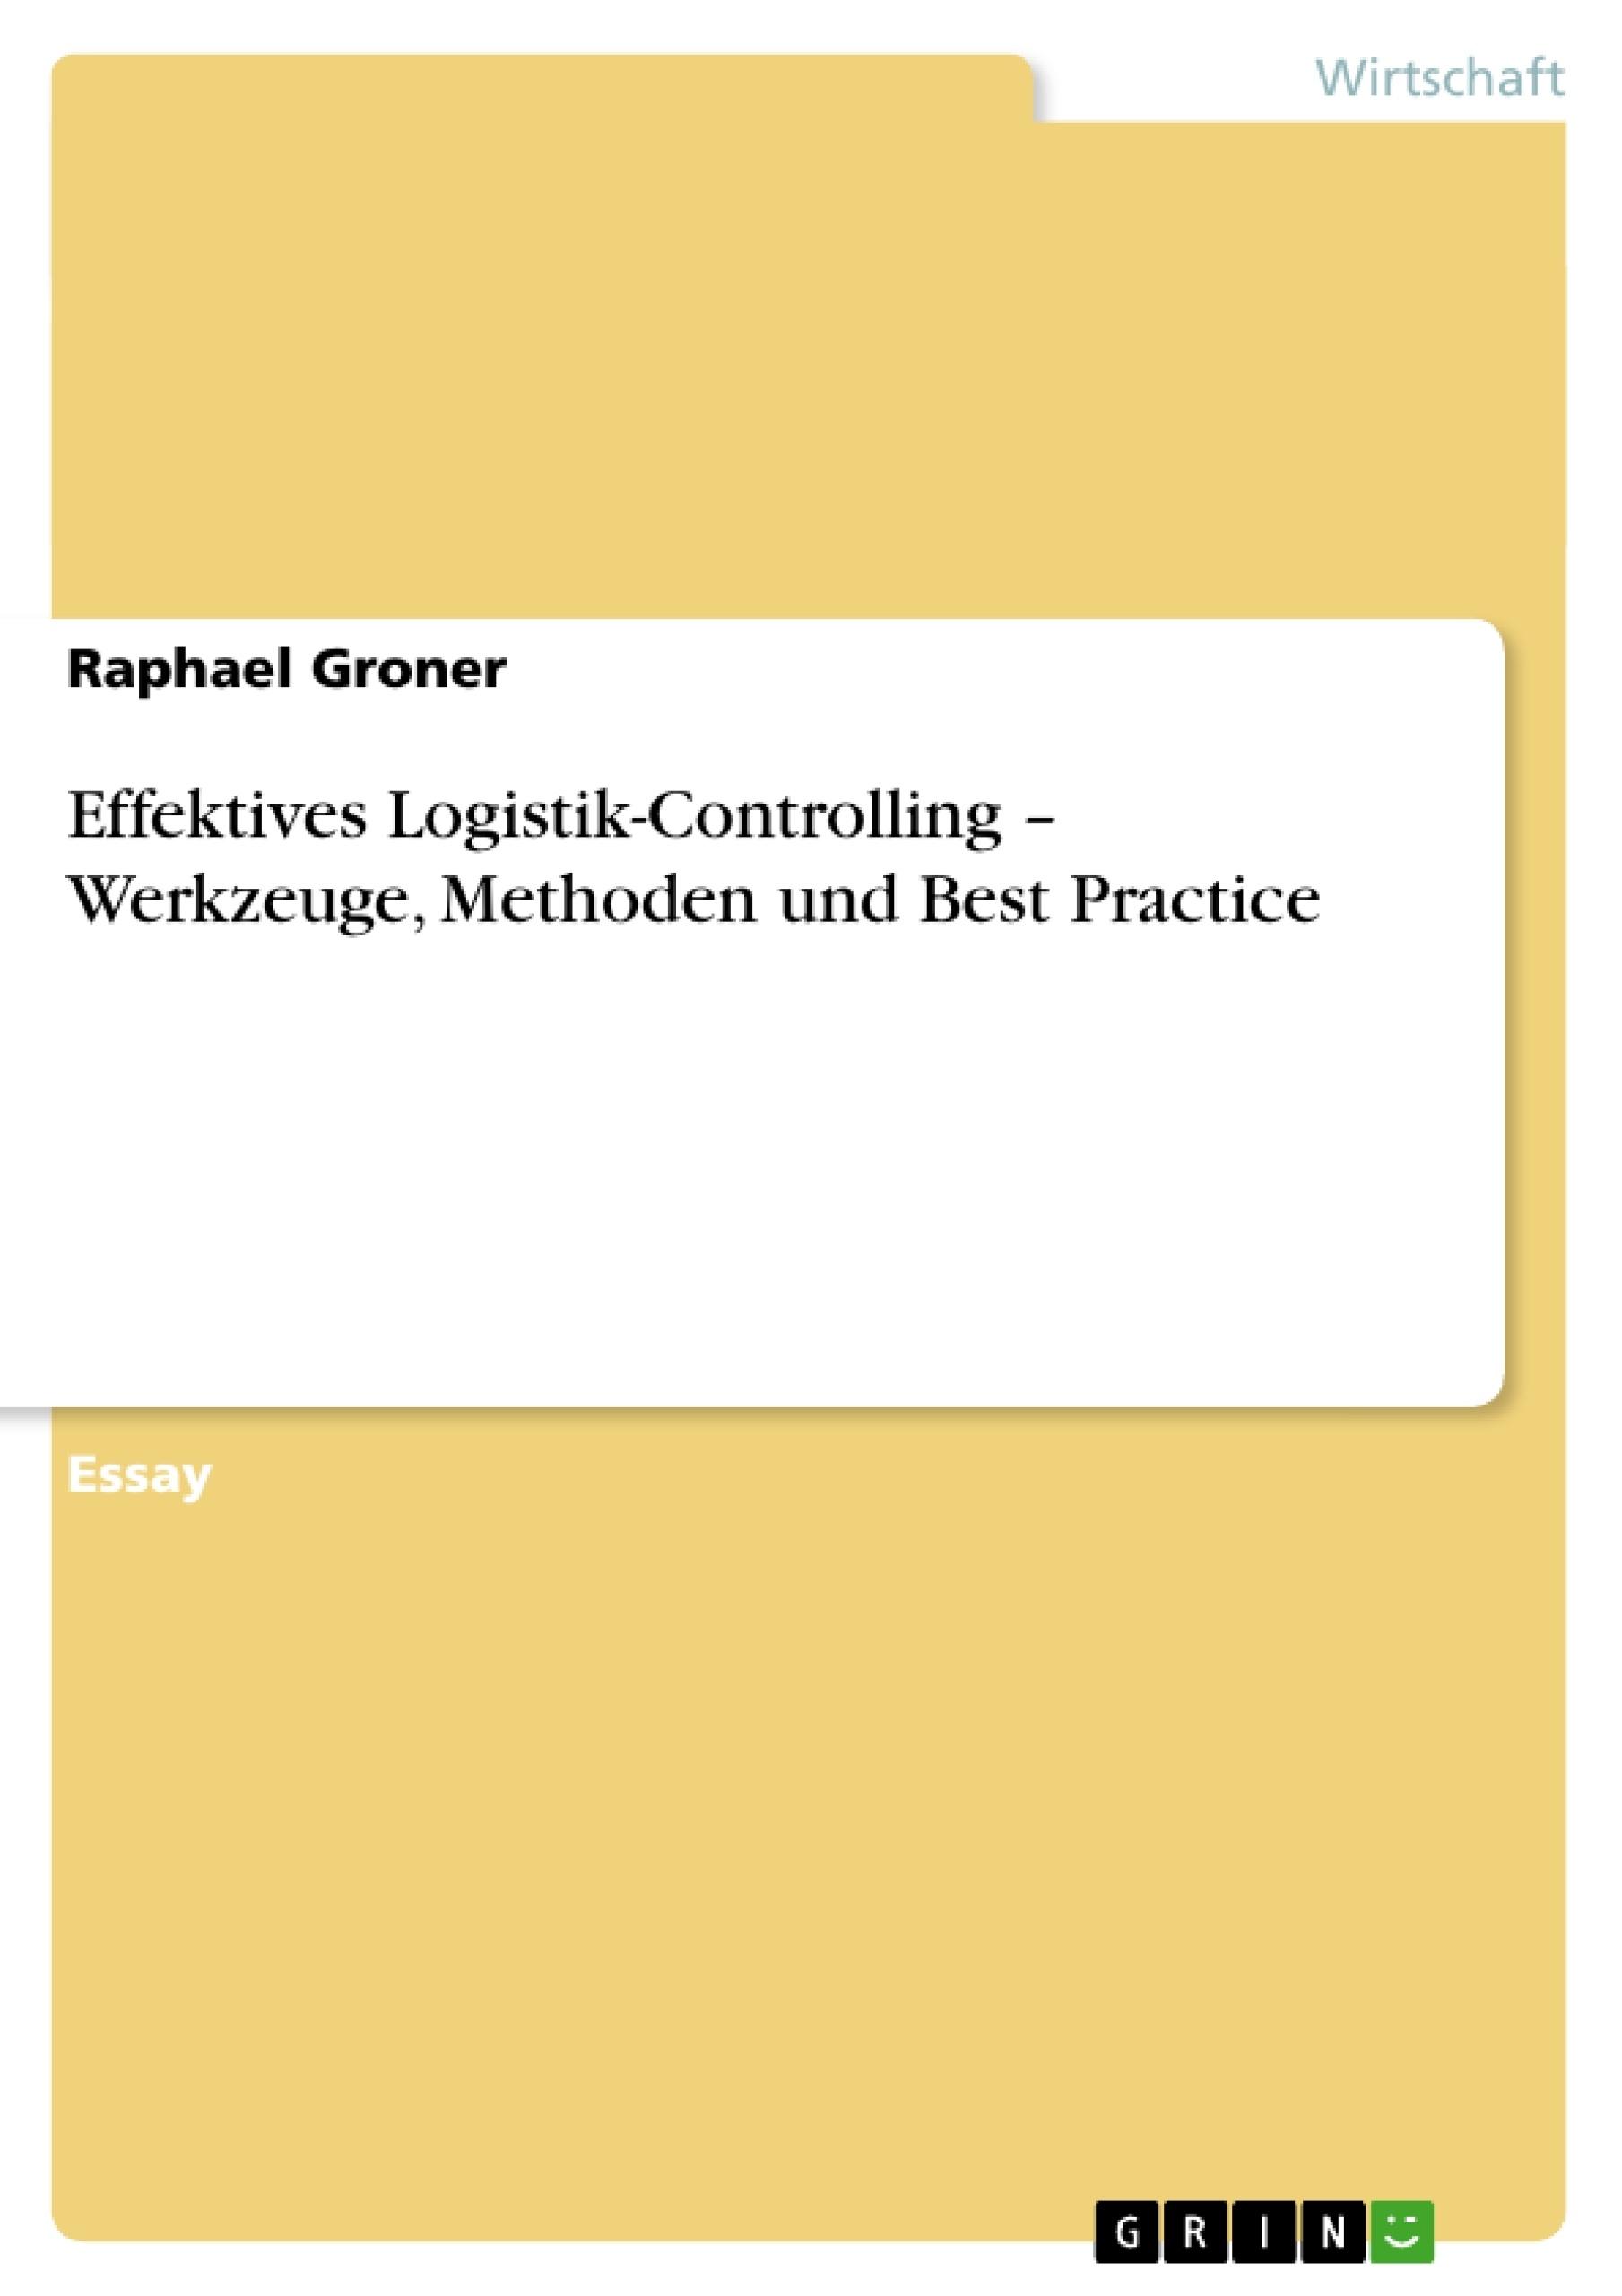 Titel: Effektives Logistik-Controlling – Werkzeuge, Methoden und Best Practice